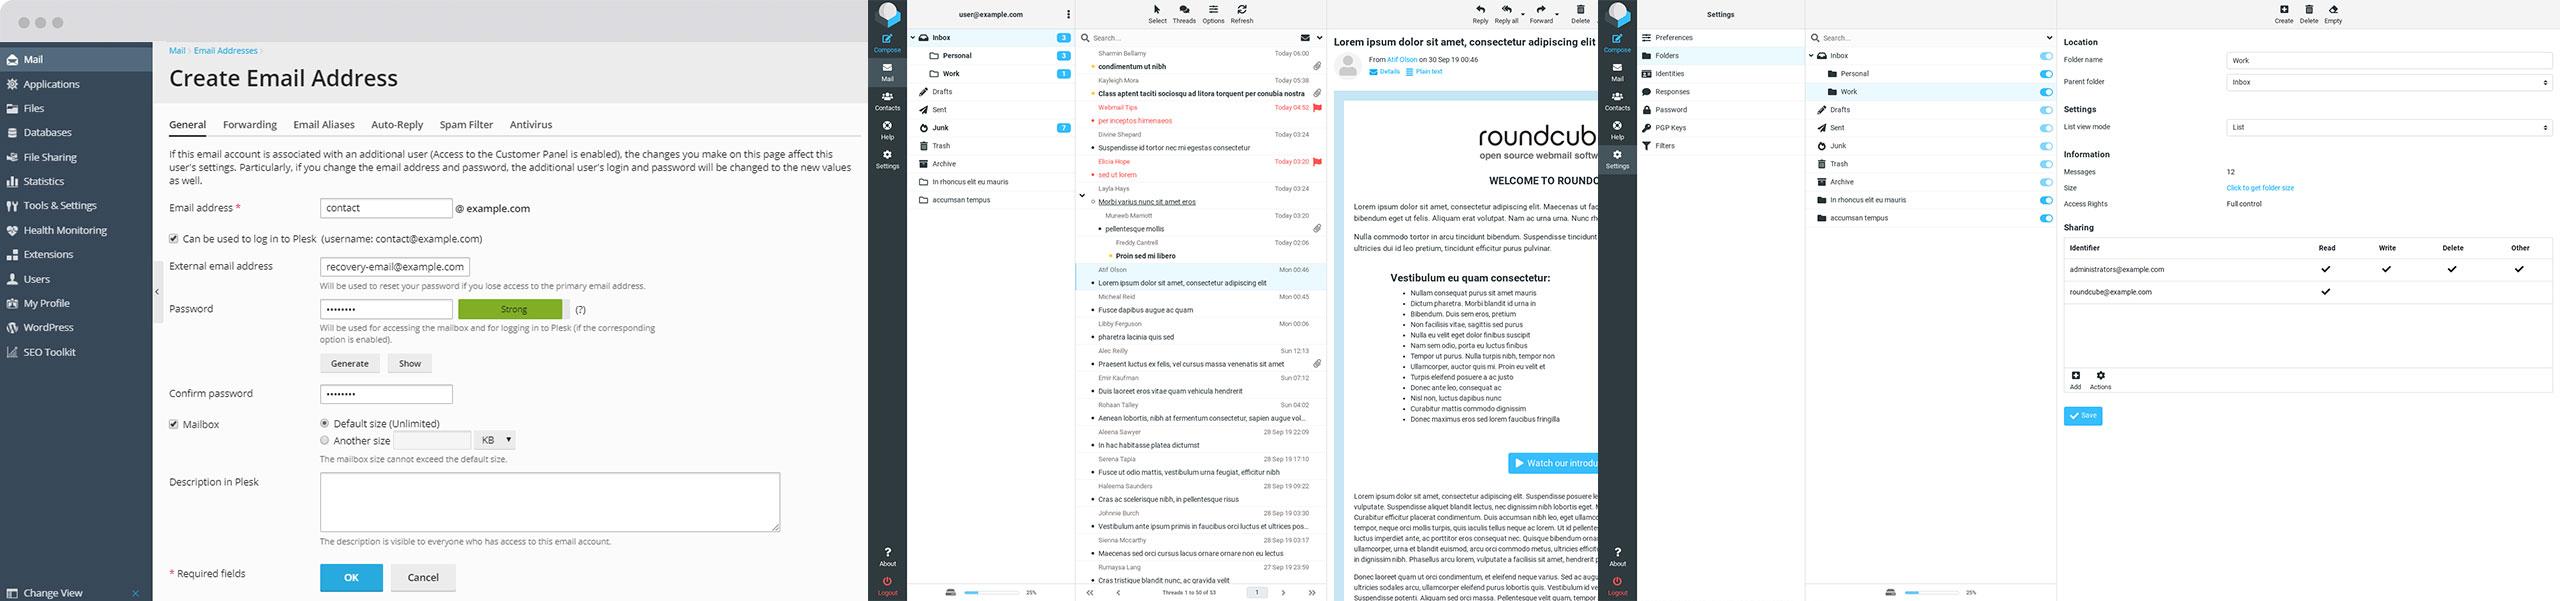 TrueMail: completo, intuitivo, sicuro e GDPR compliant